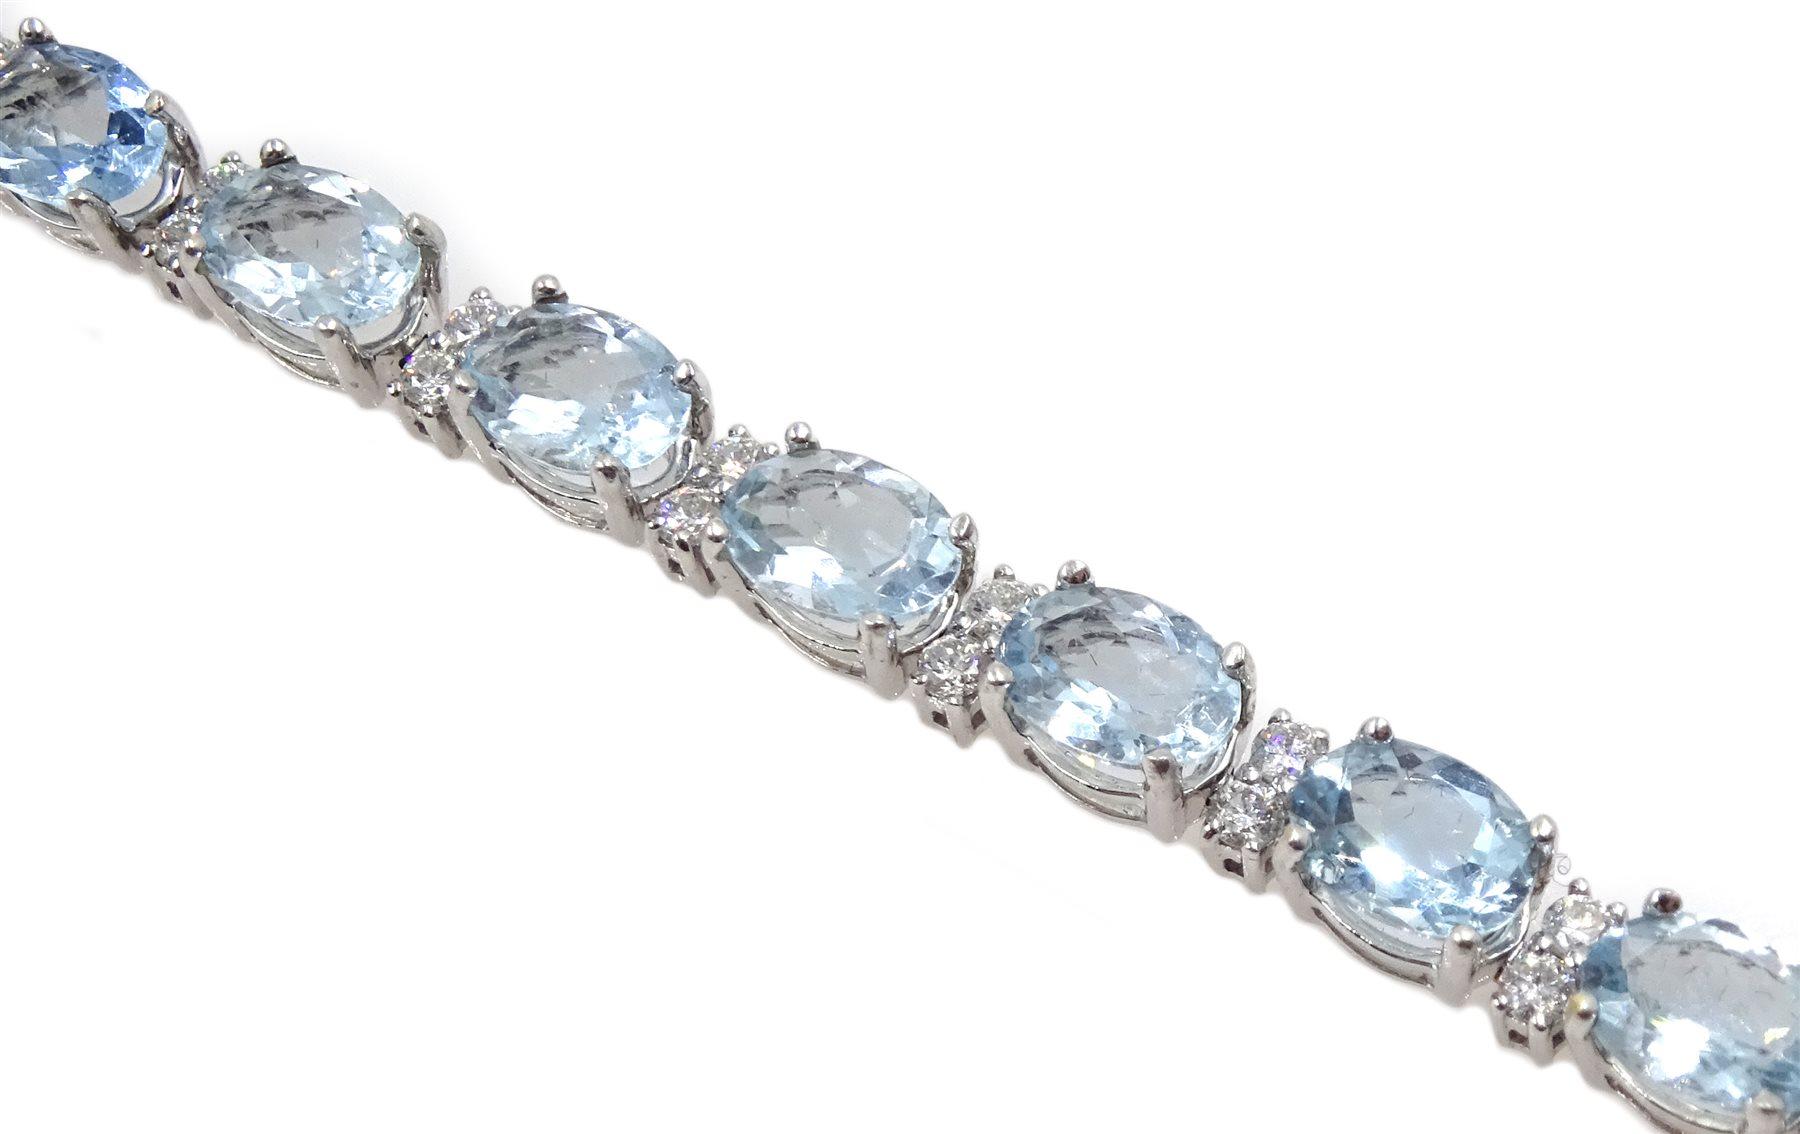 18ct white gold oval aquamarine and diamond bracelet - Image 4 of 5